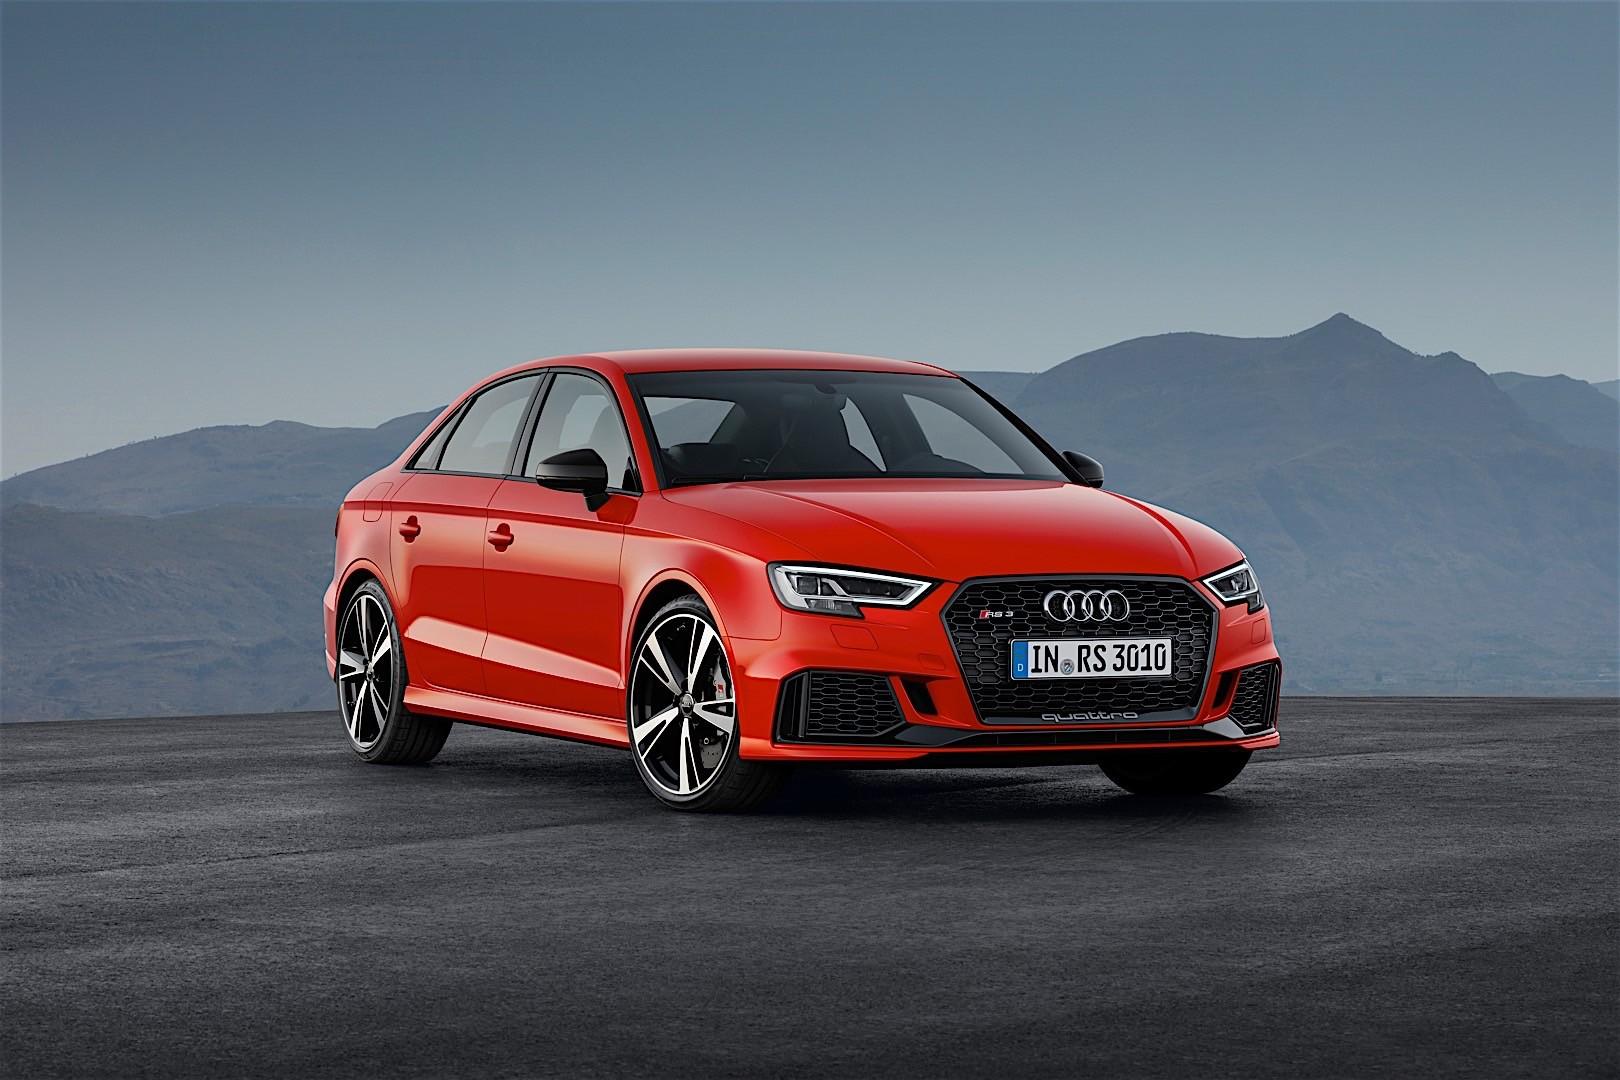 Kelebihan Kekurangan Audi Rs3 2016 Top Model Tahun Ini